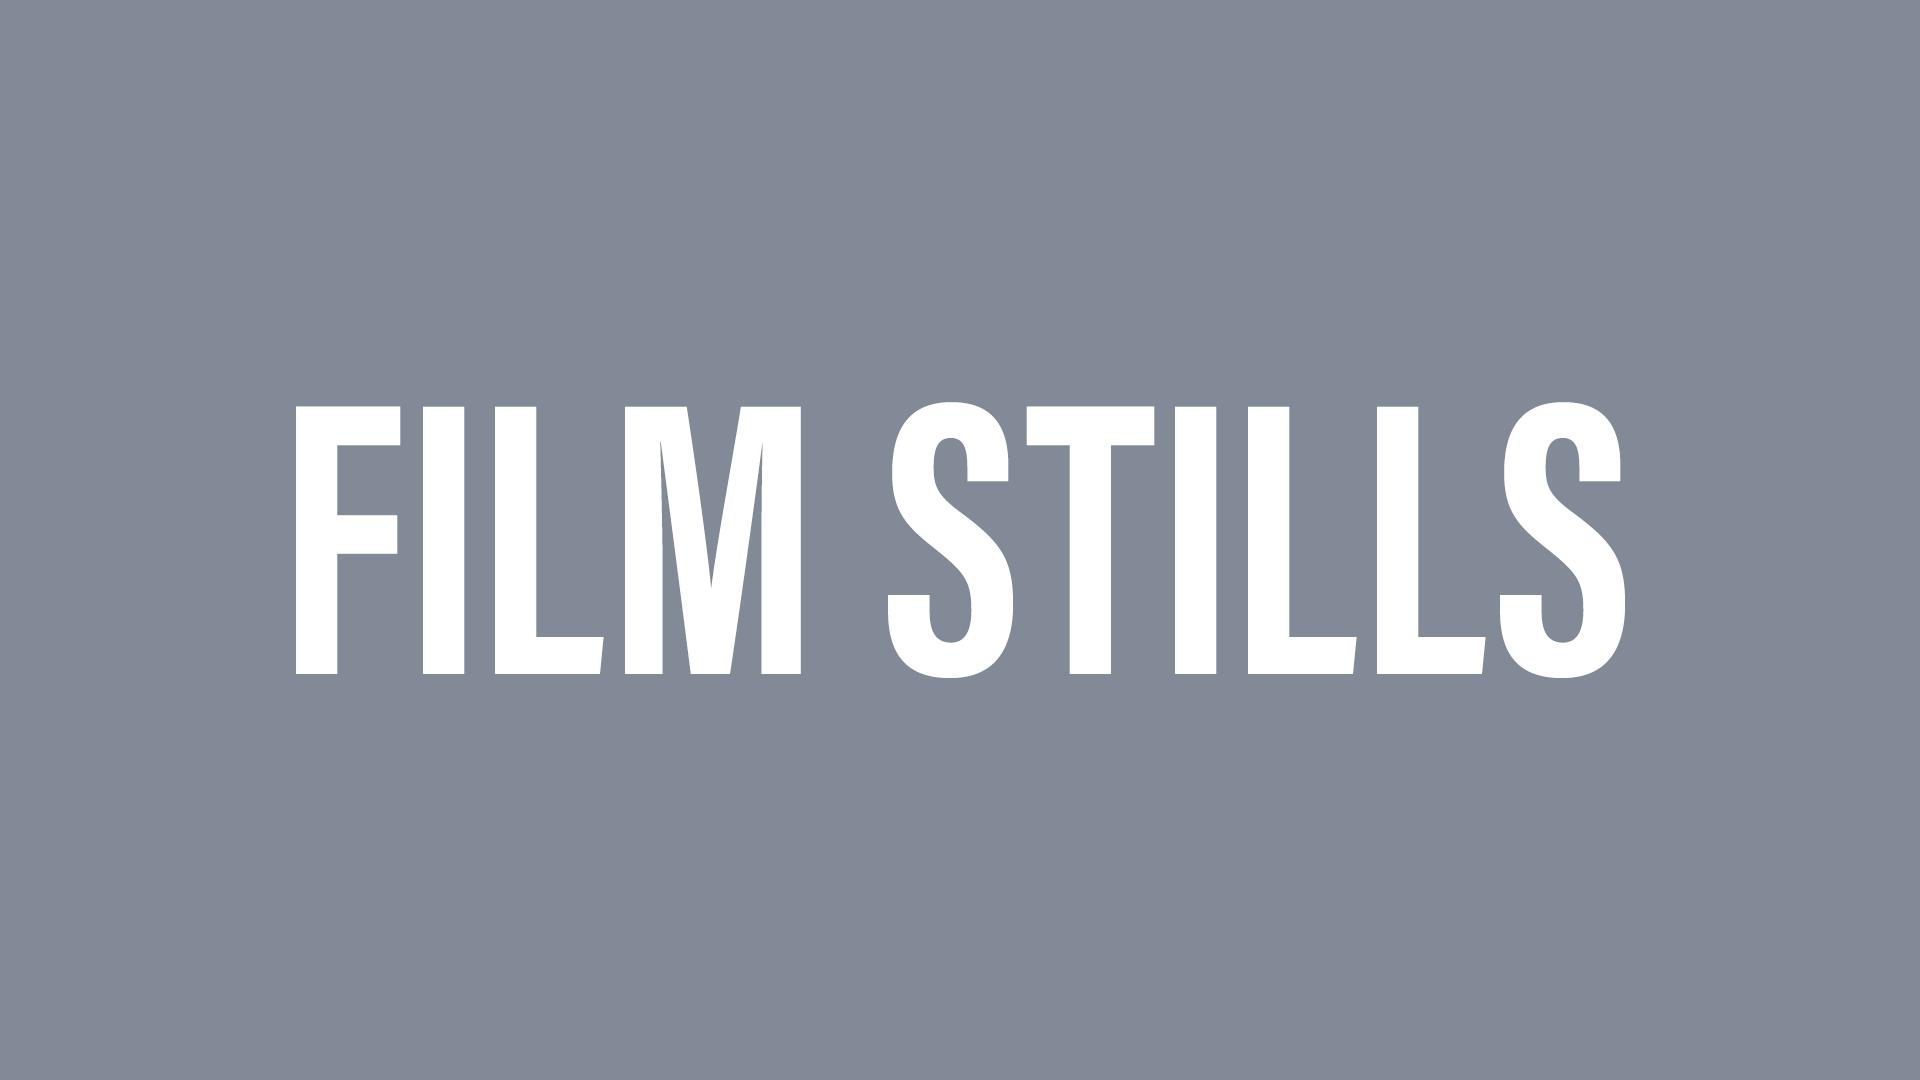 002_utton_Film_FILM-STILLS.png